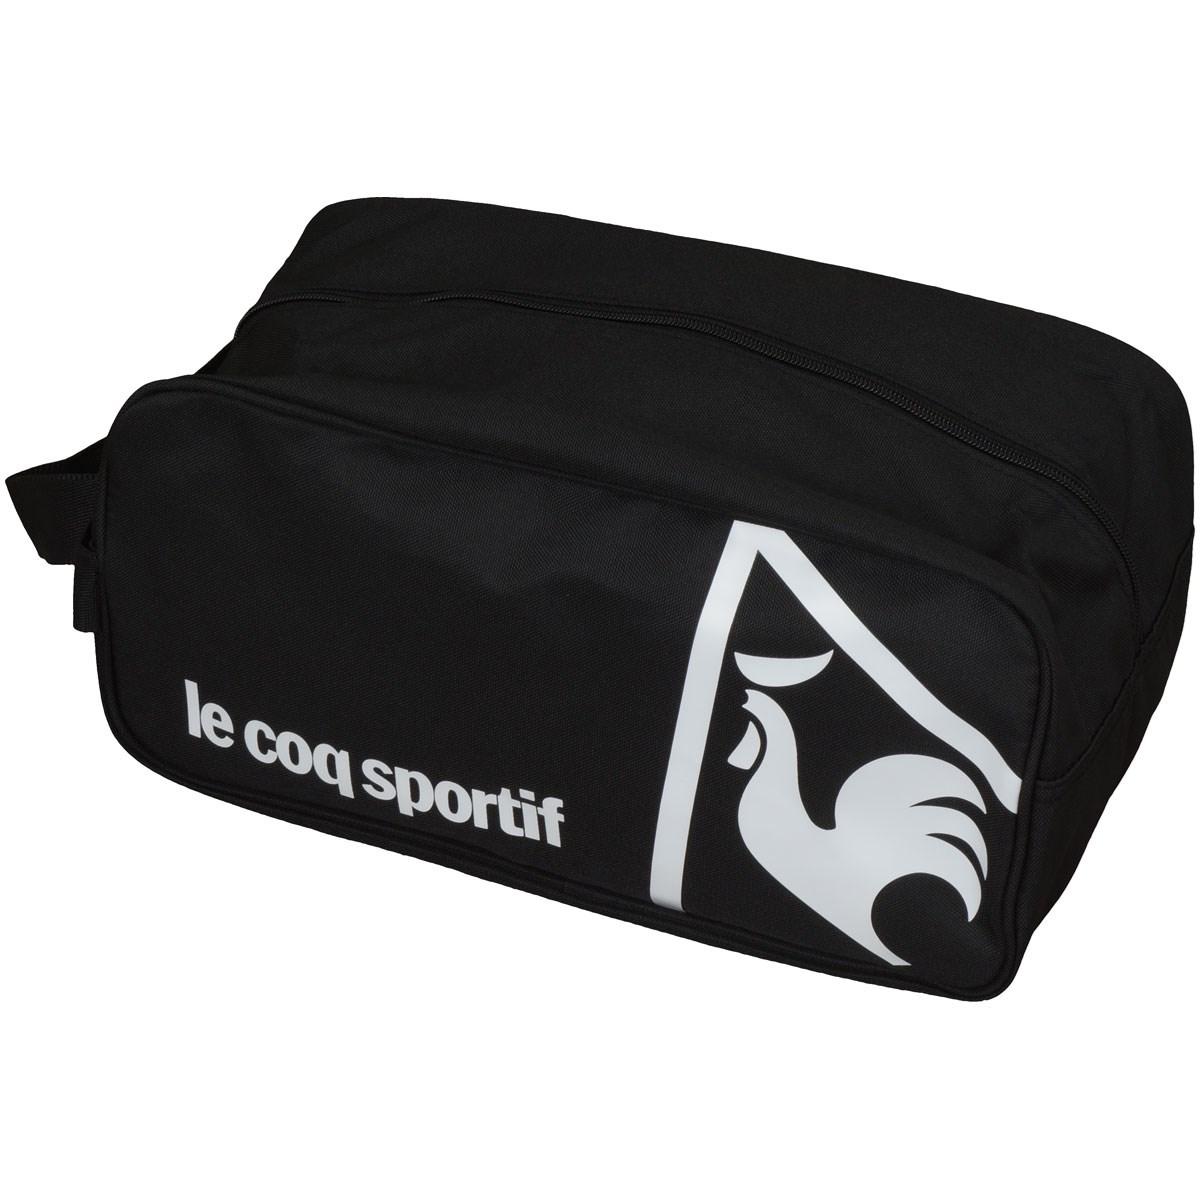 ルコックゴルフ Le coq sportif GOLF シューズケース ブラック